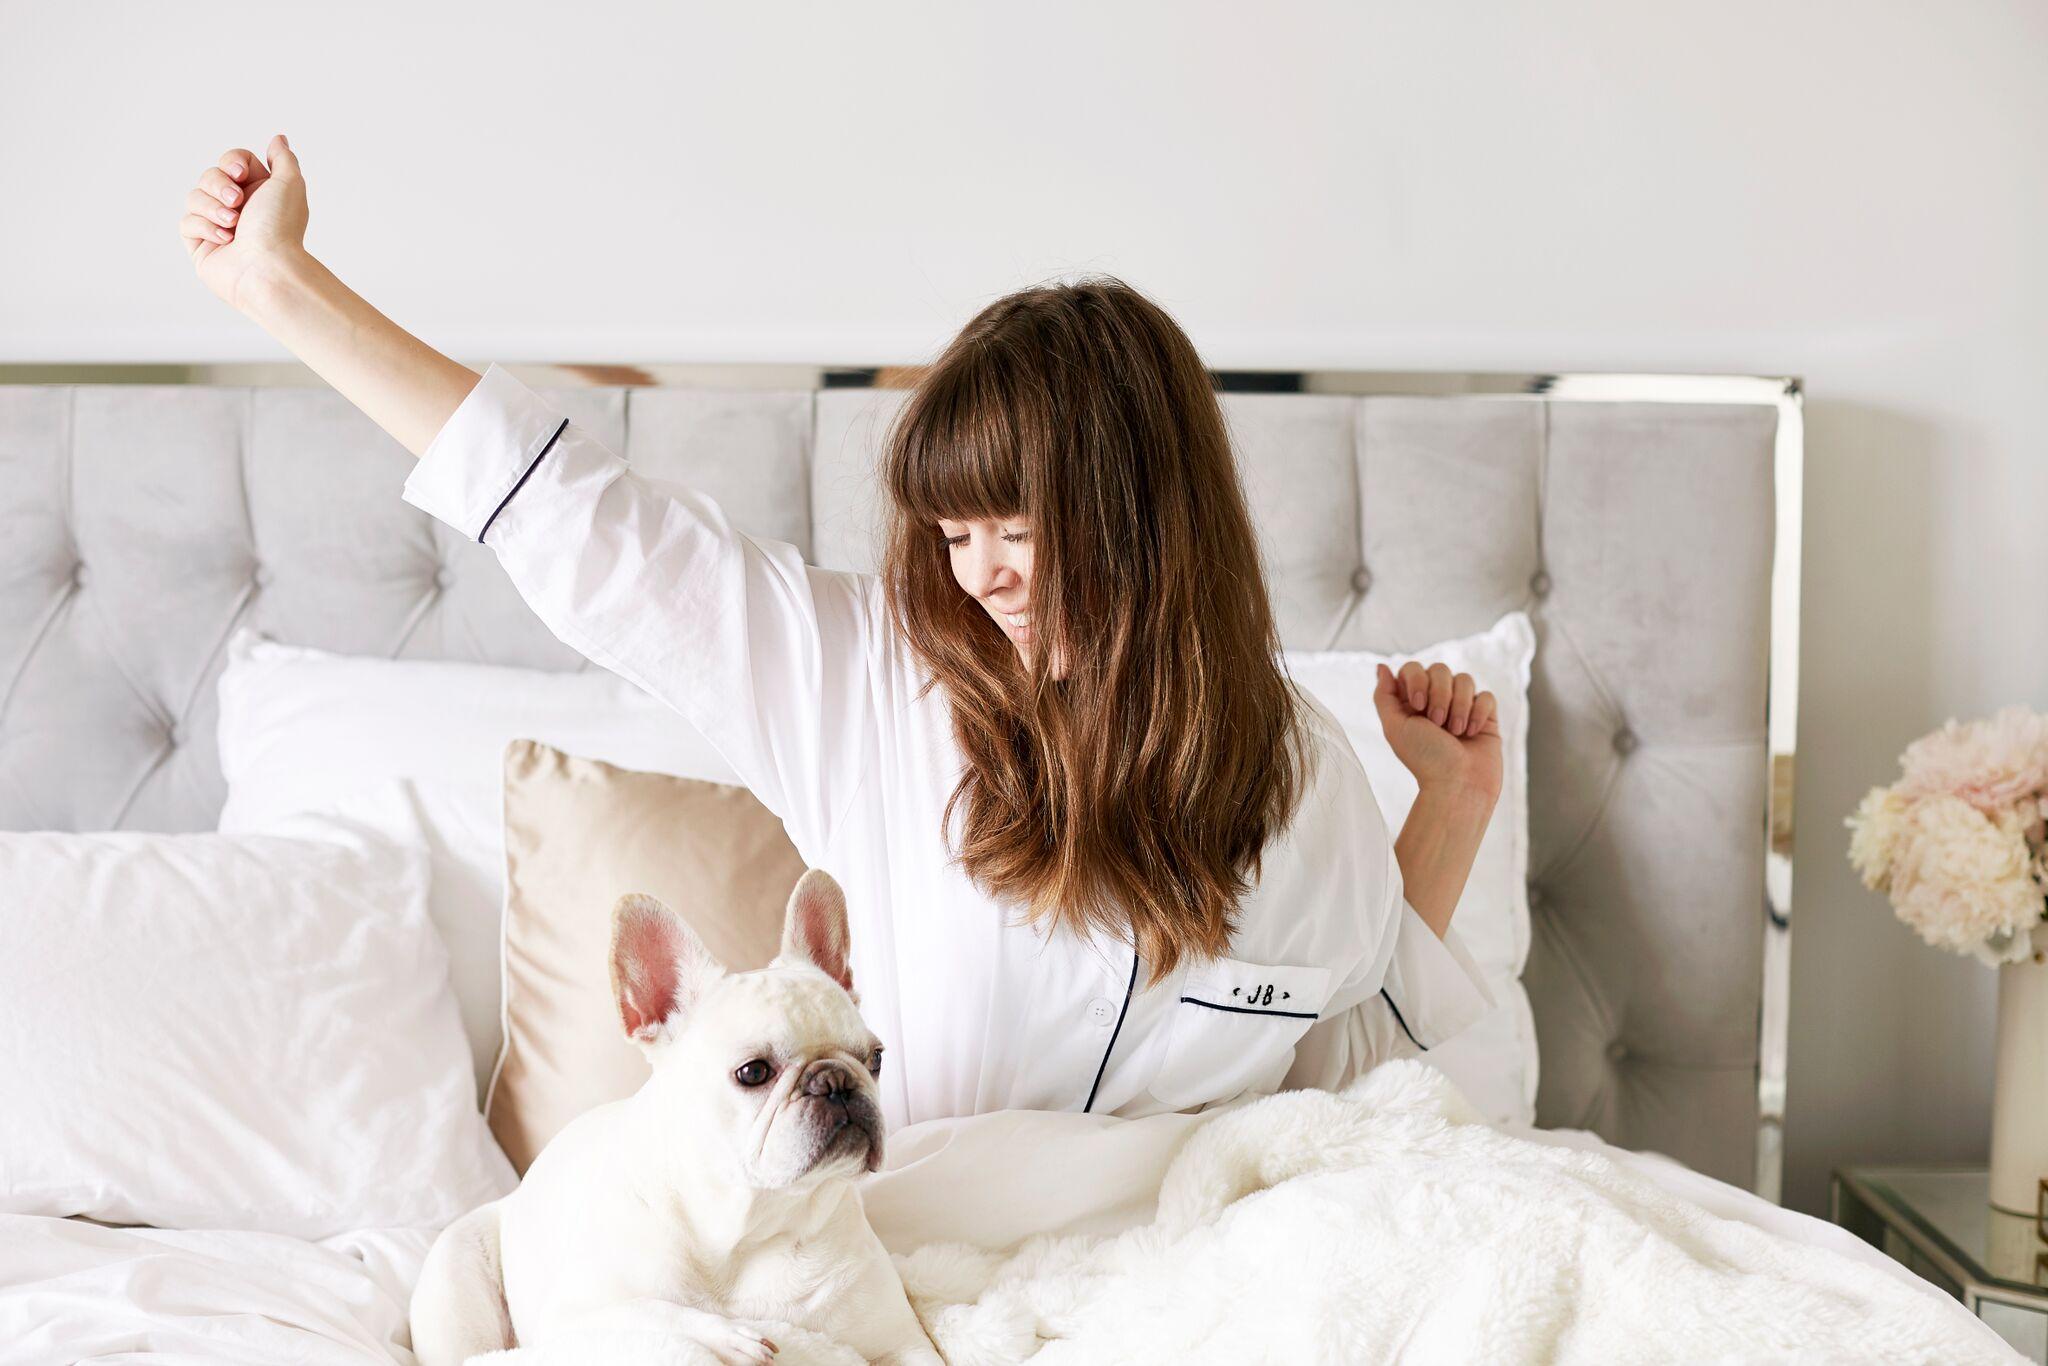 Co robić przed snem, aby zadbać o włosy?